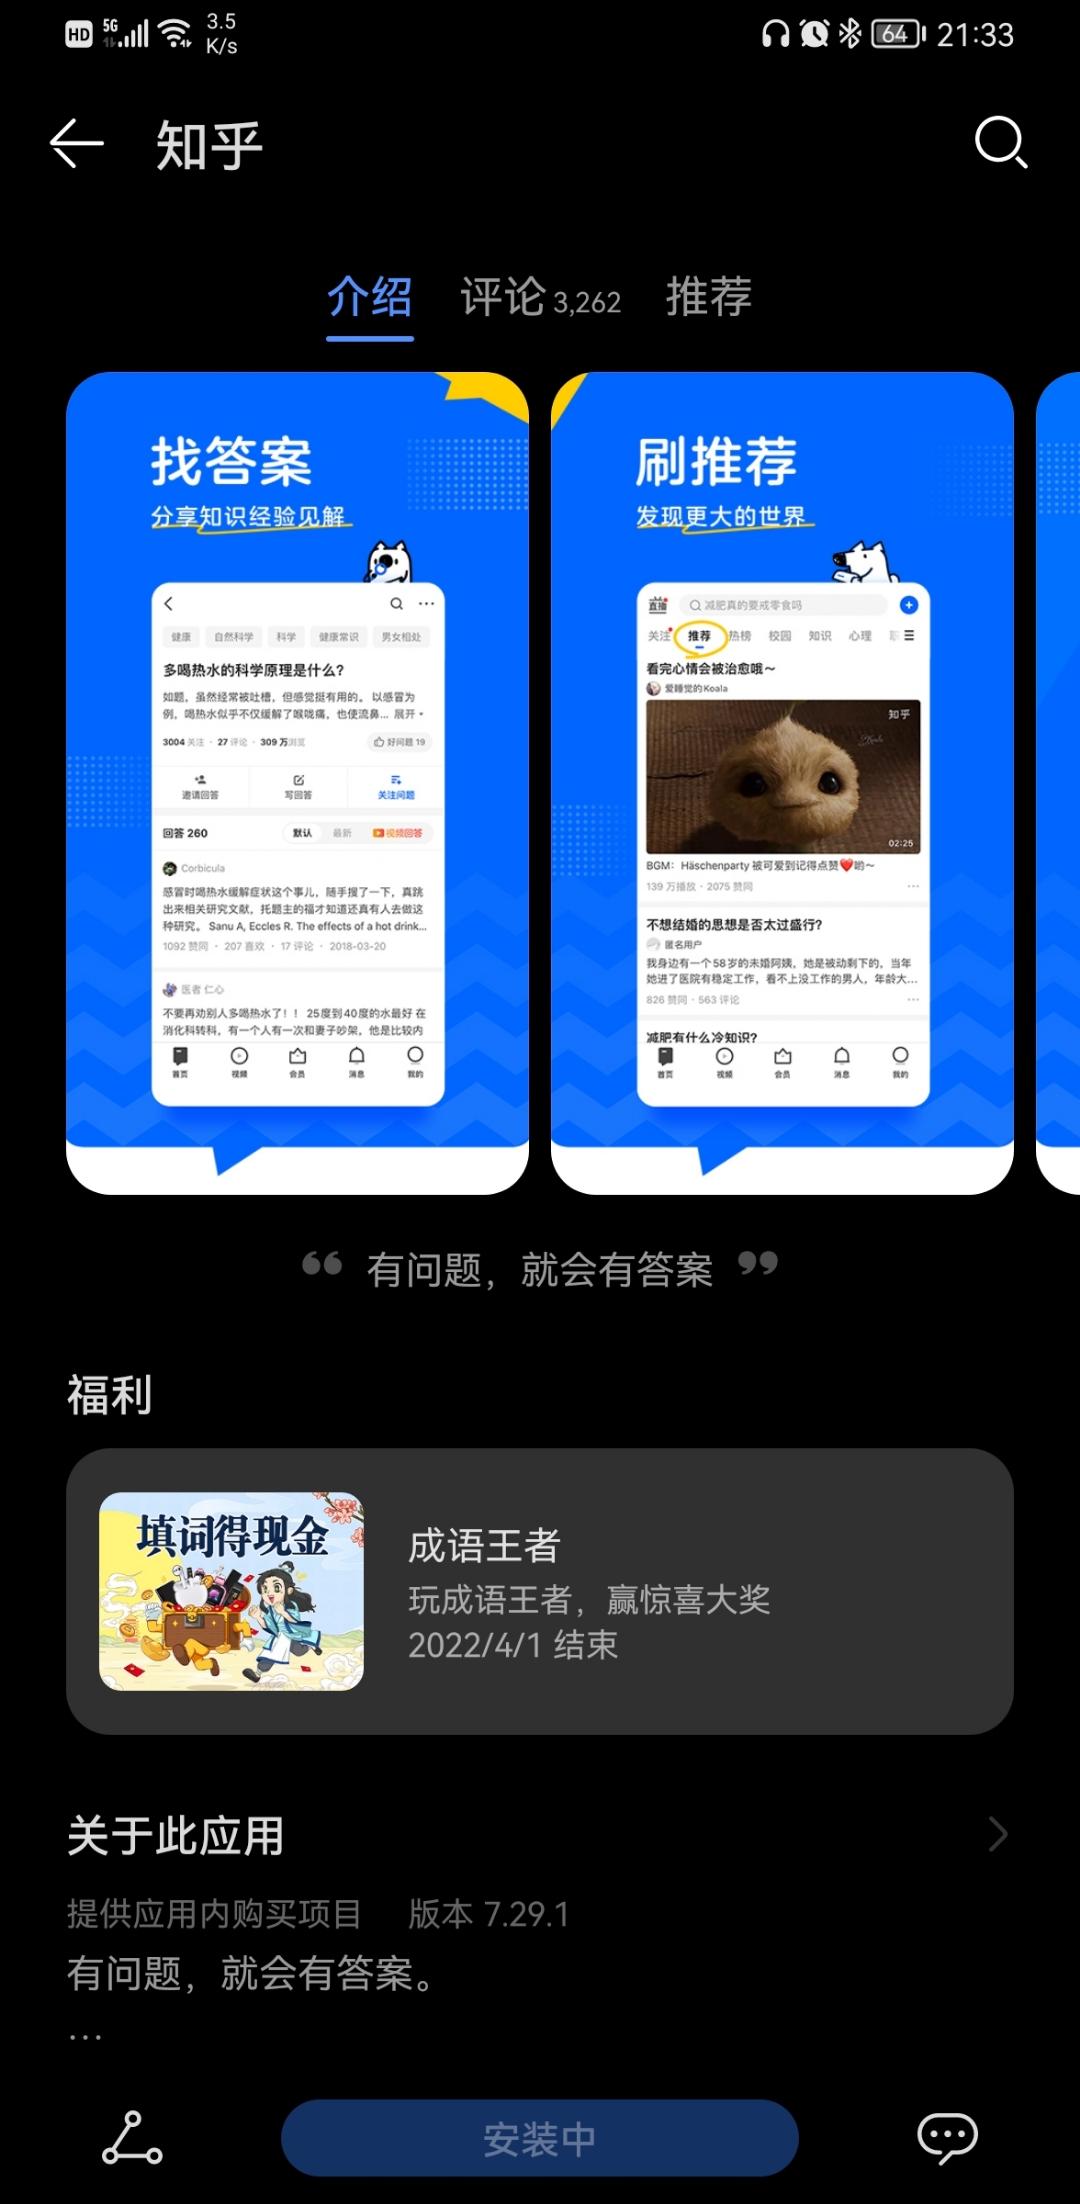 Screenshot_20211014_213341_com.huawei.appmarket.jpg